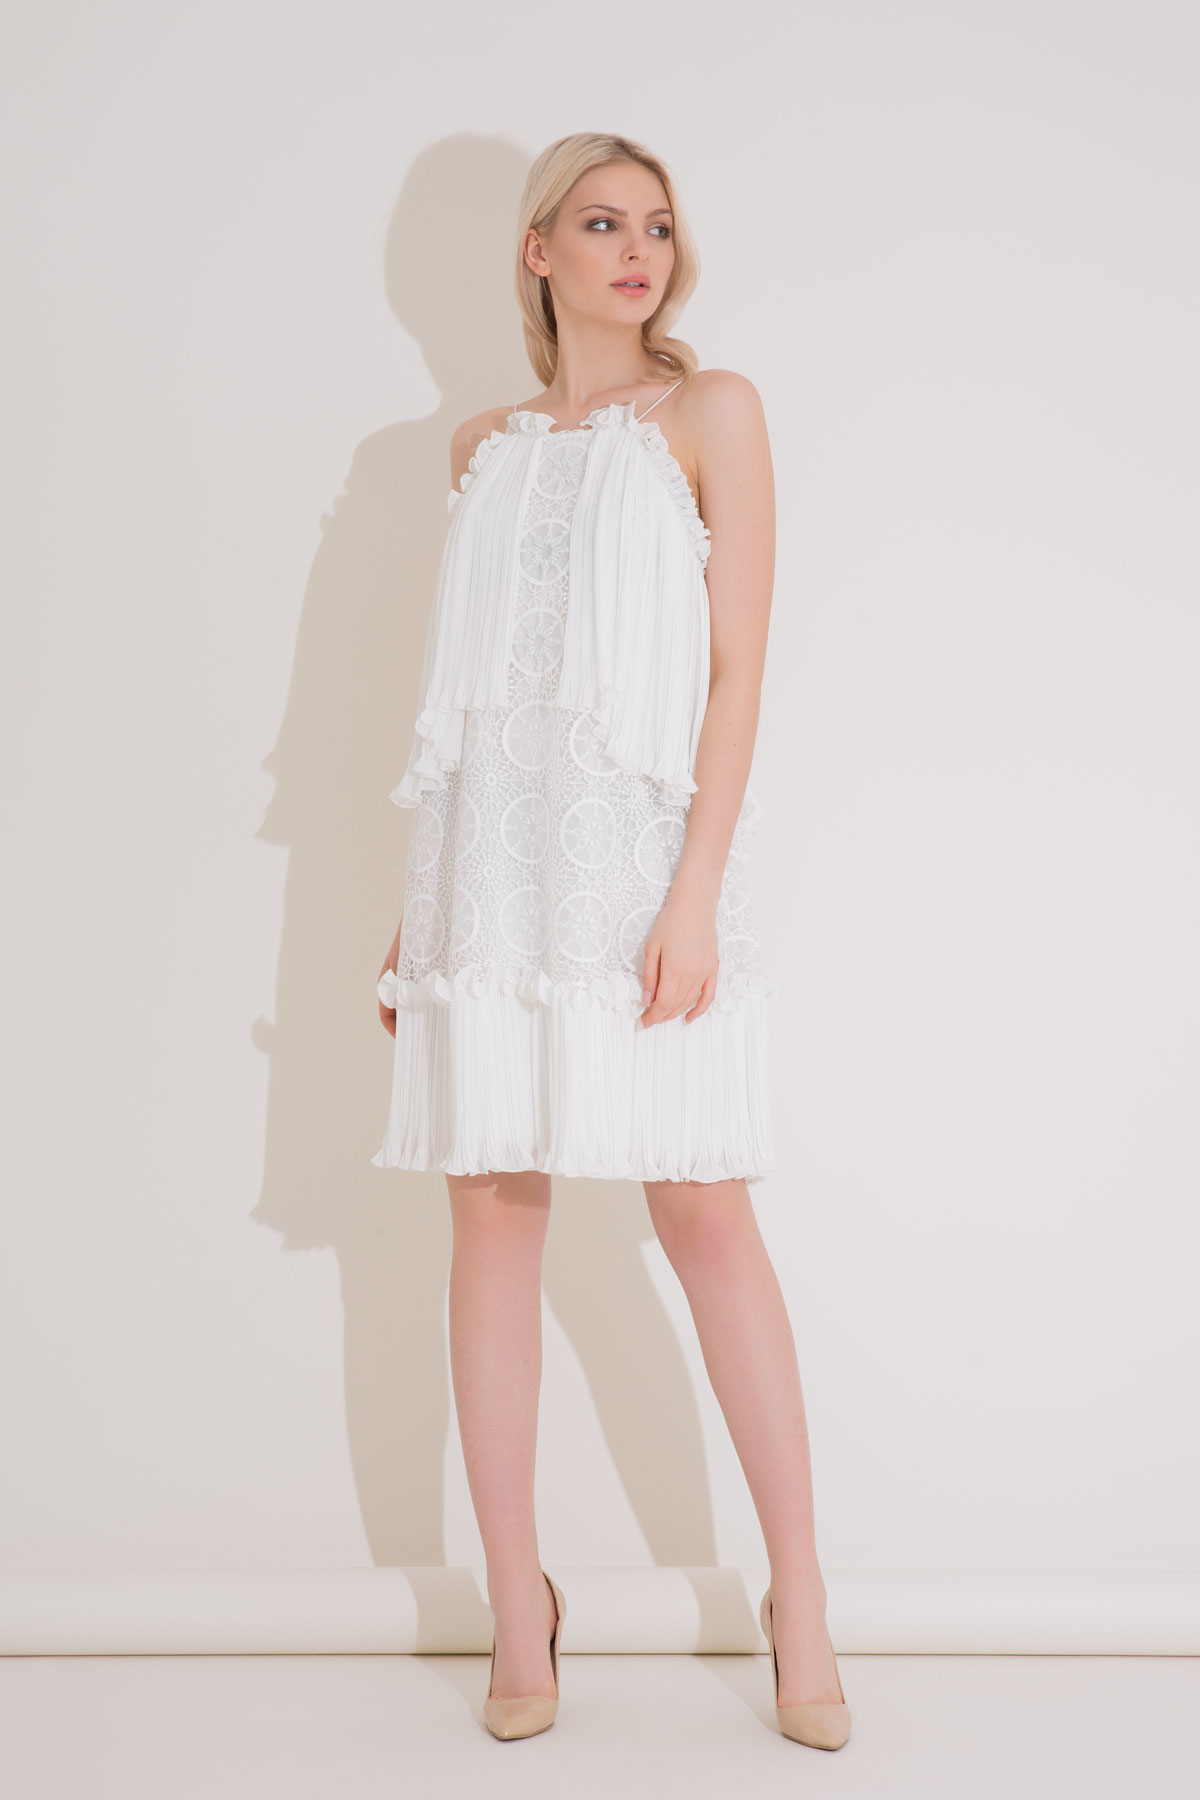 Dantel Detaylı Askılı Mini Elbise